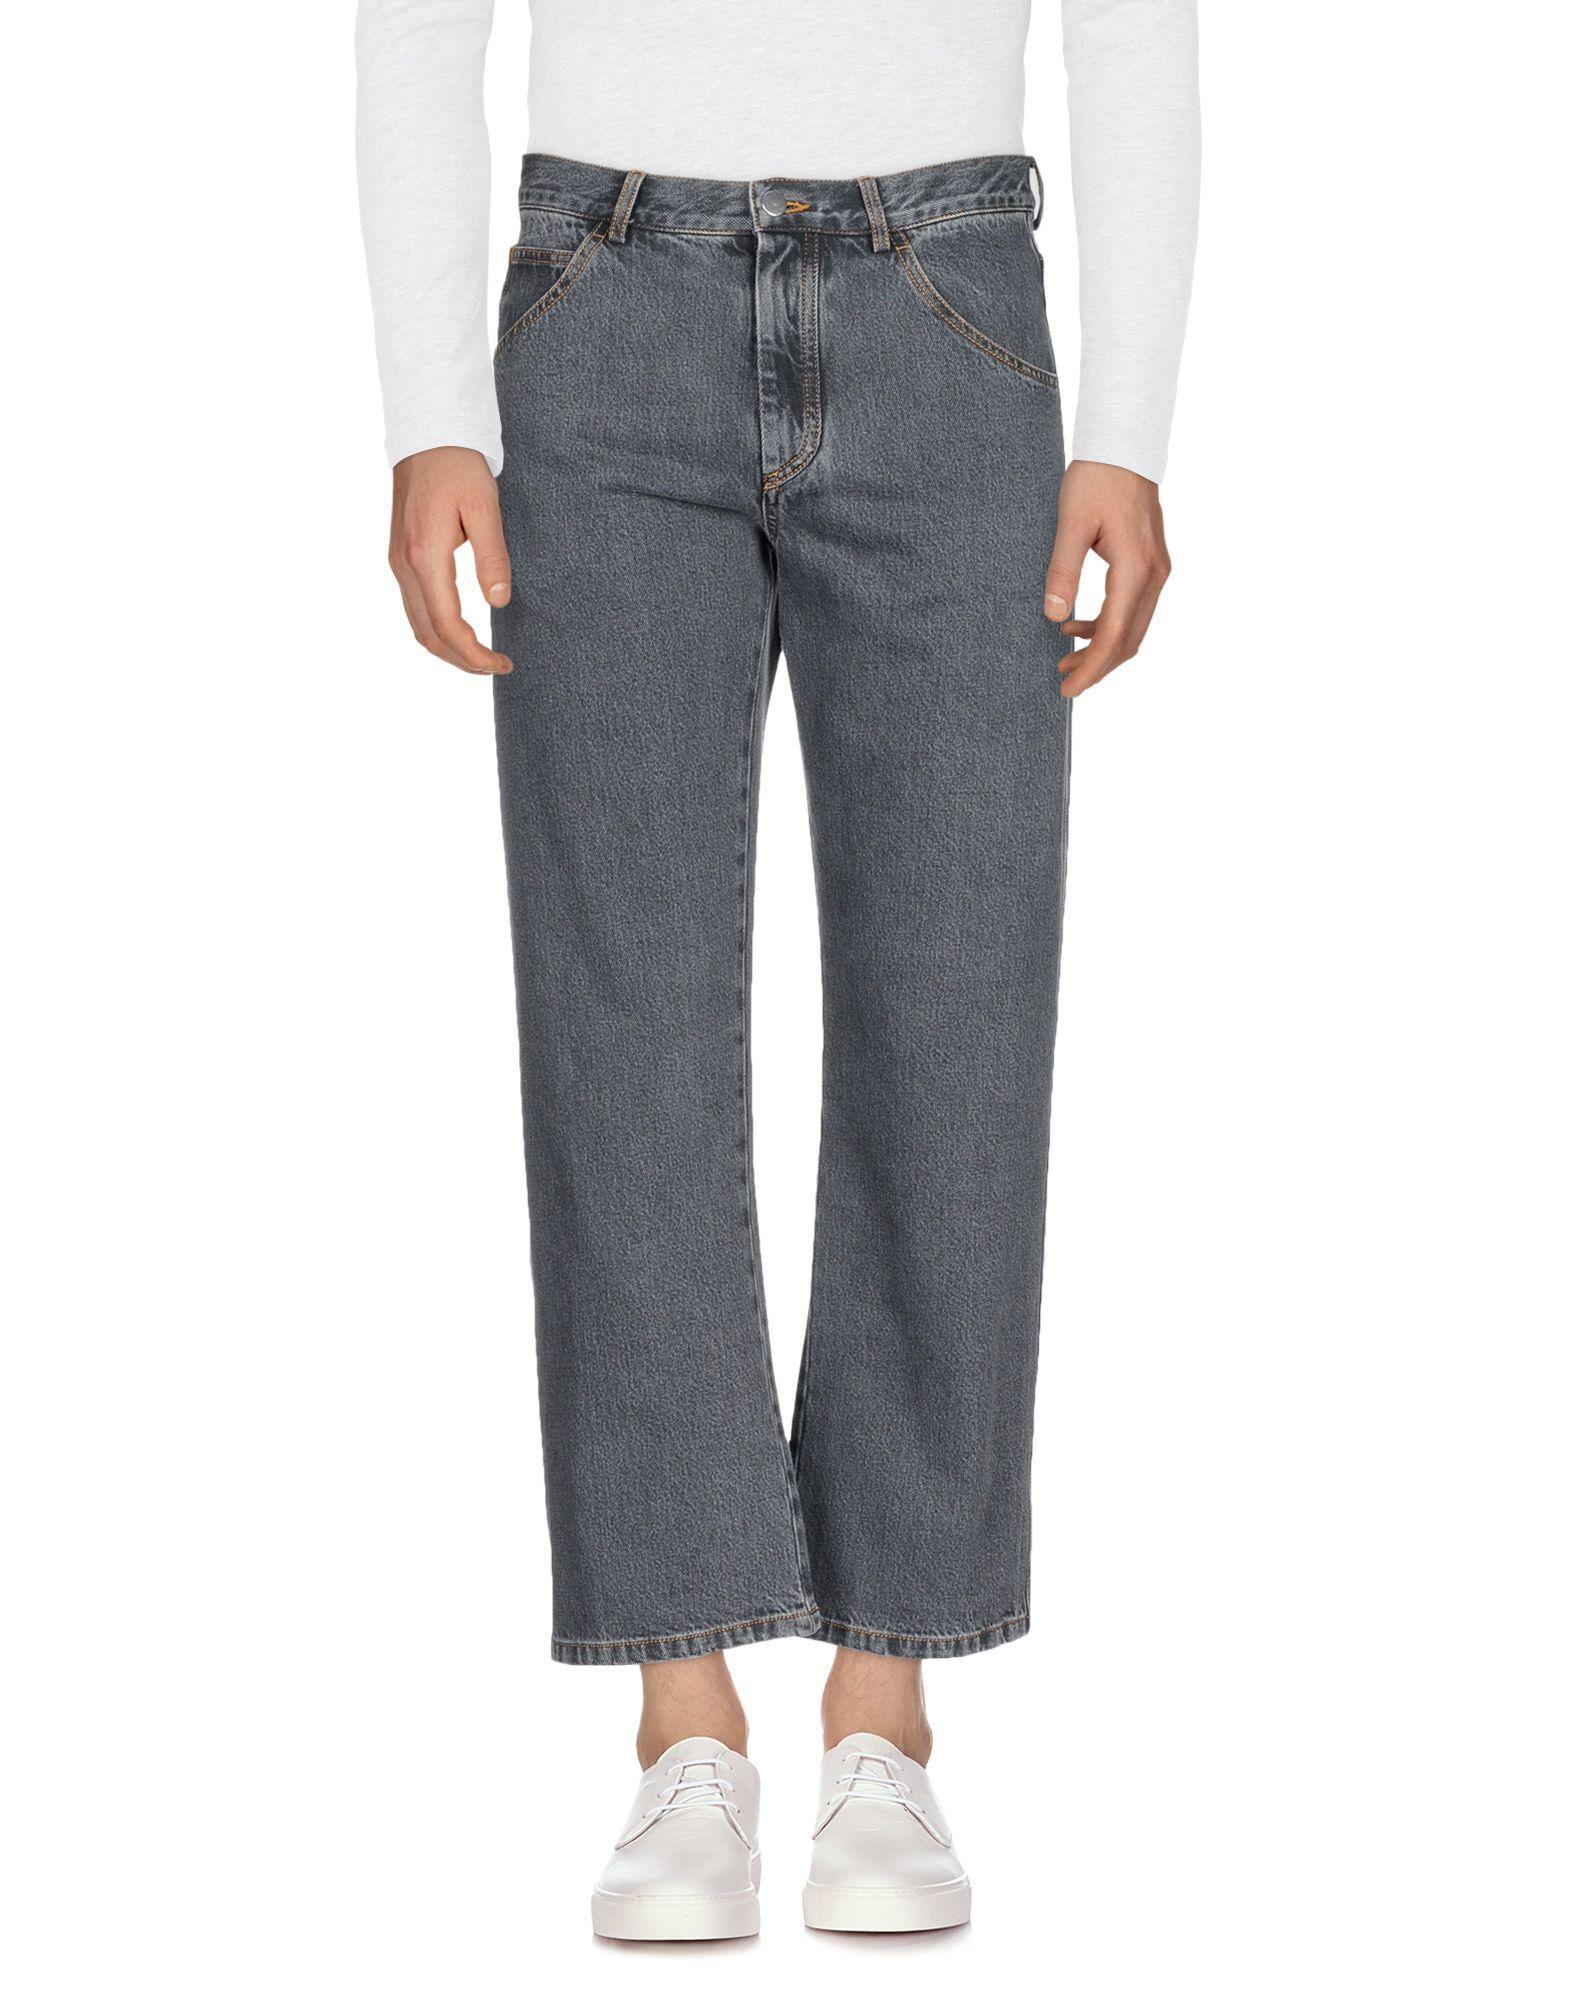 Pantaloni Jeans - Gosha Rubchinskiy Uomo - Jeans 42674647DK 44d57a